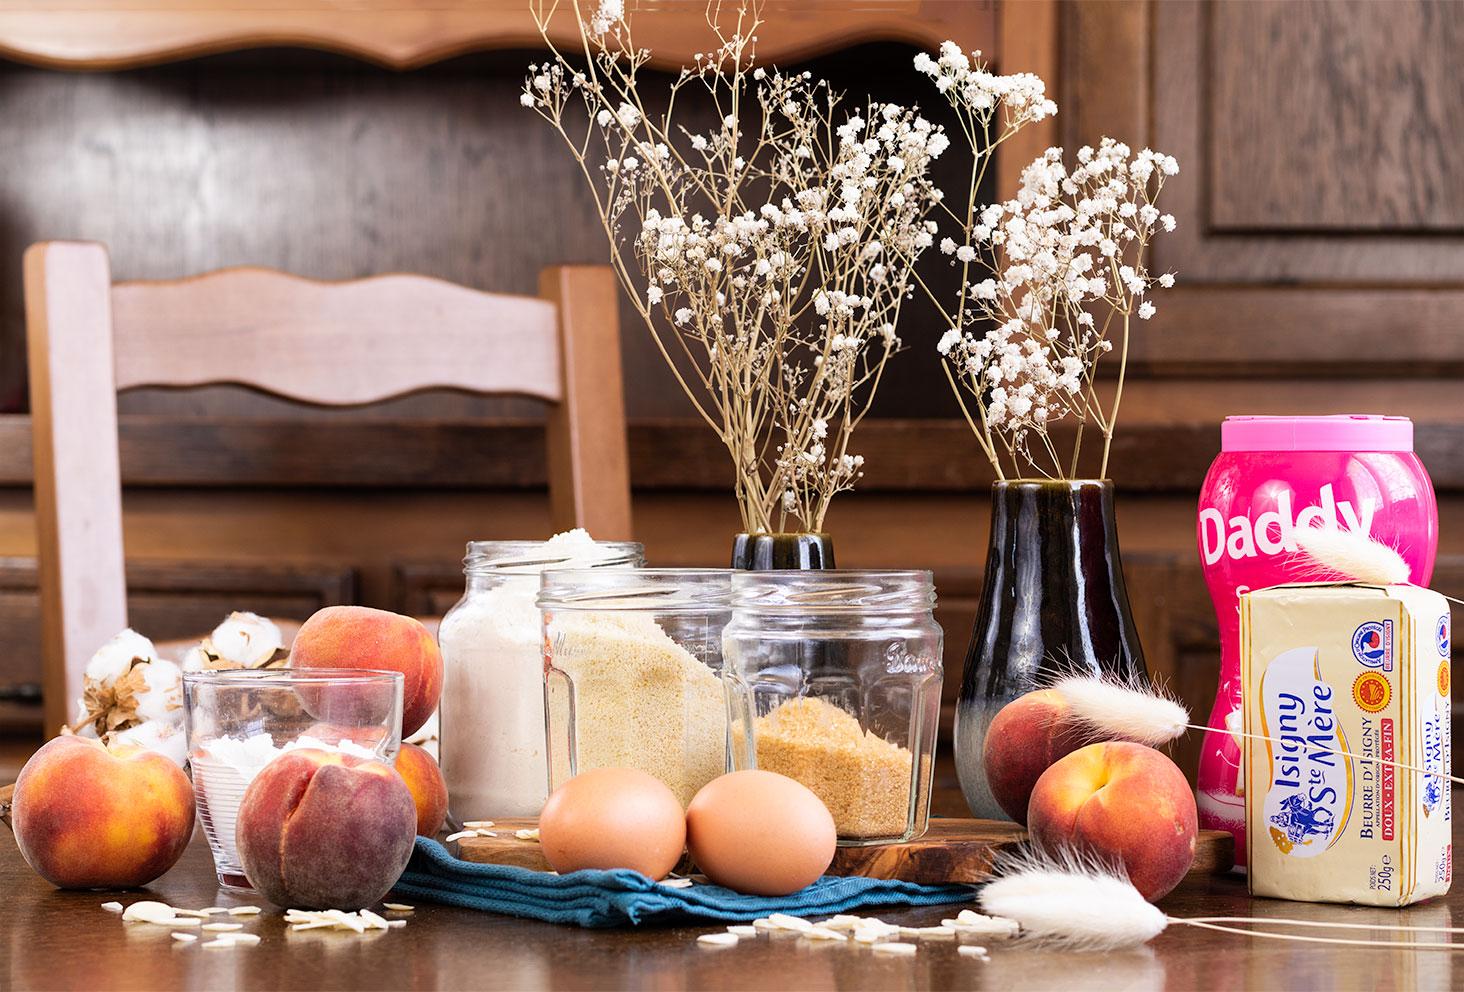 Les ingrédients nécessaires à la réalisation d'une tarte crumble aux pêches, posés sur une table en bois